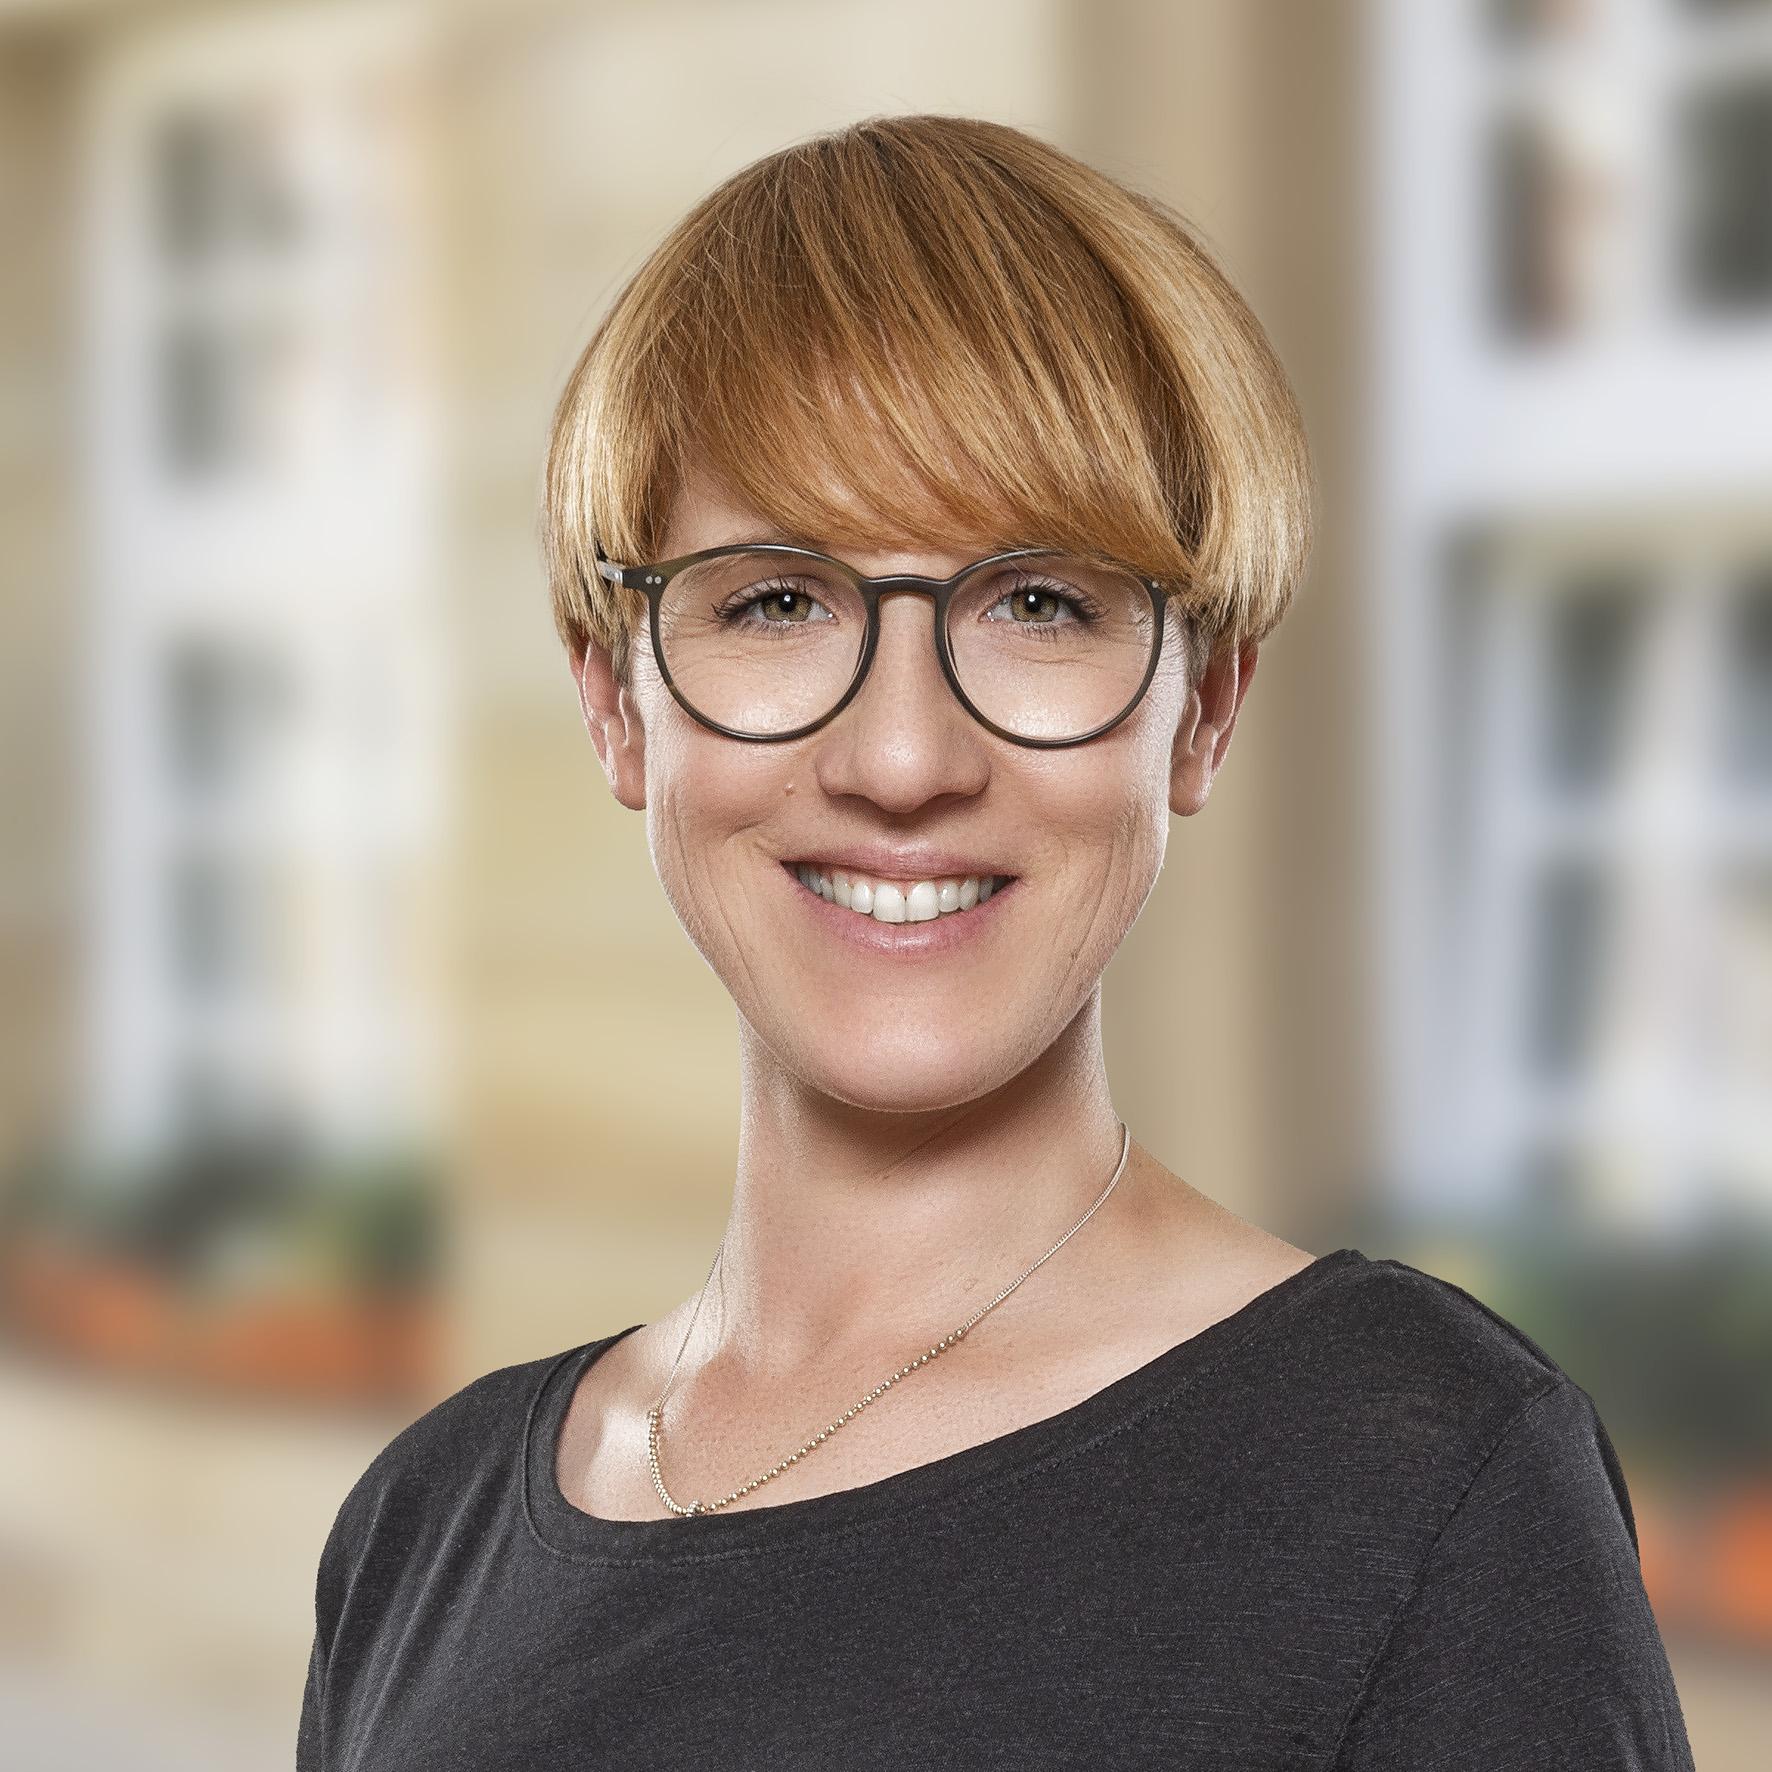 Mareike Seebold